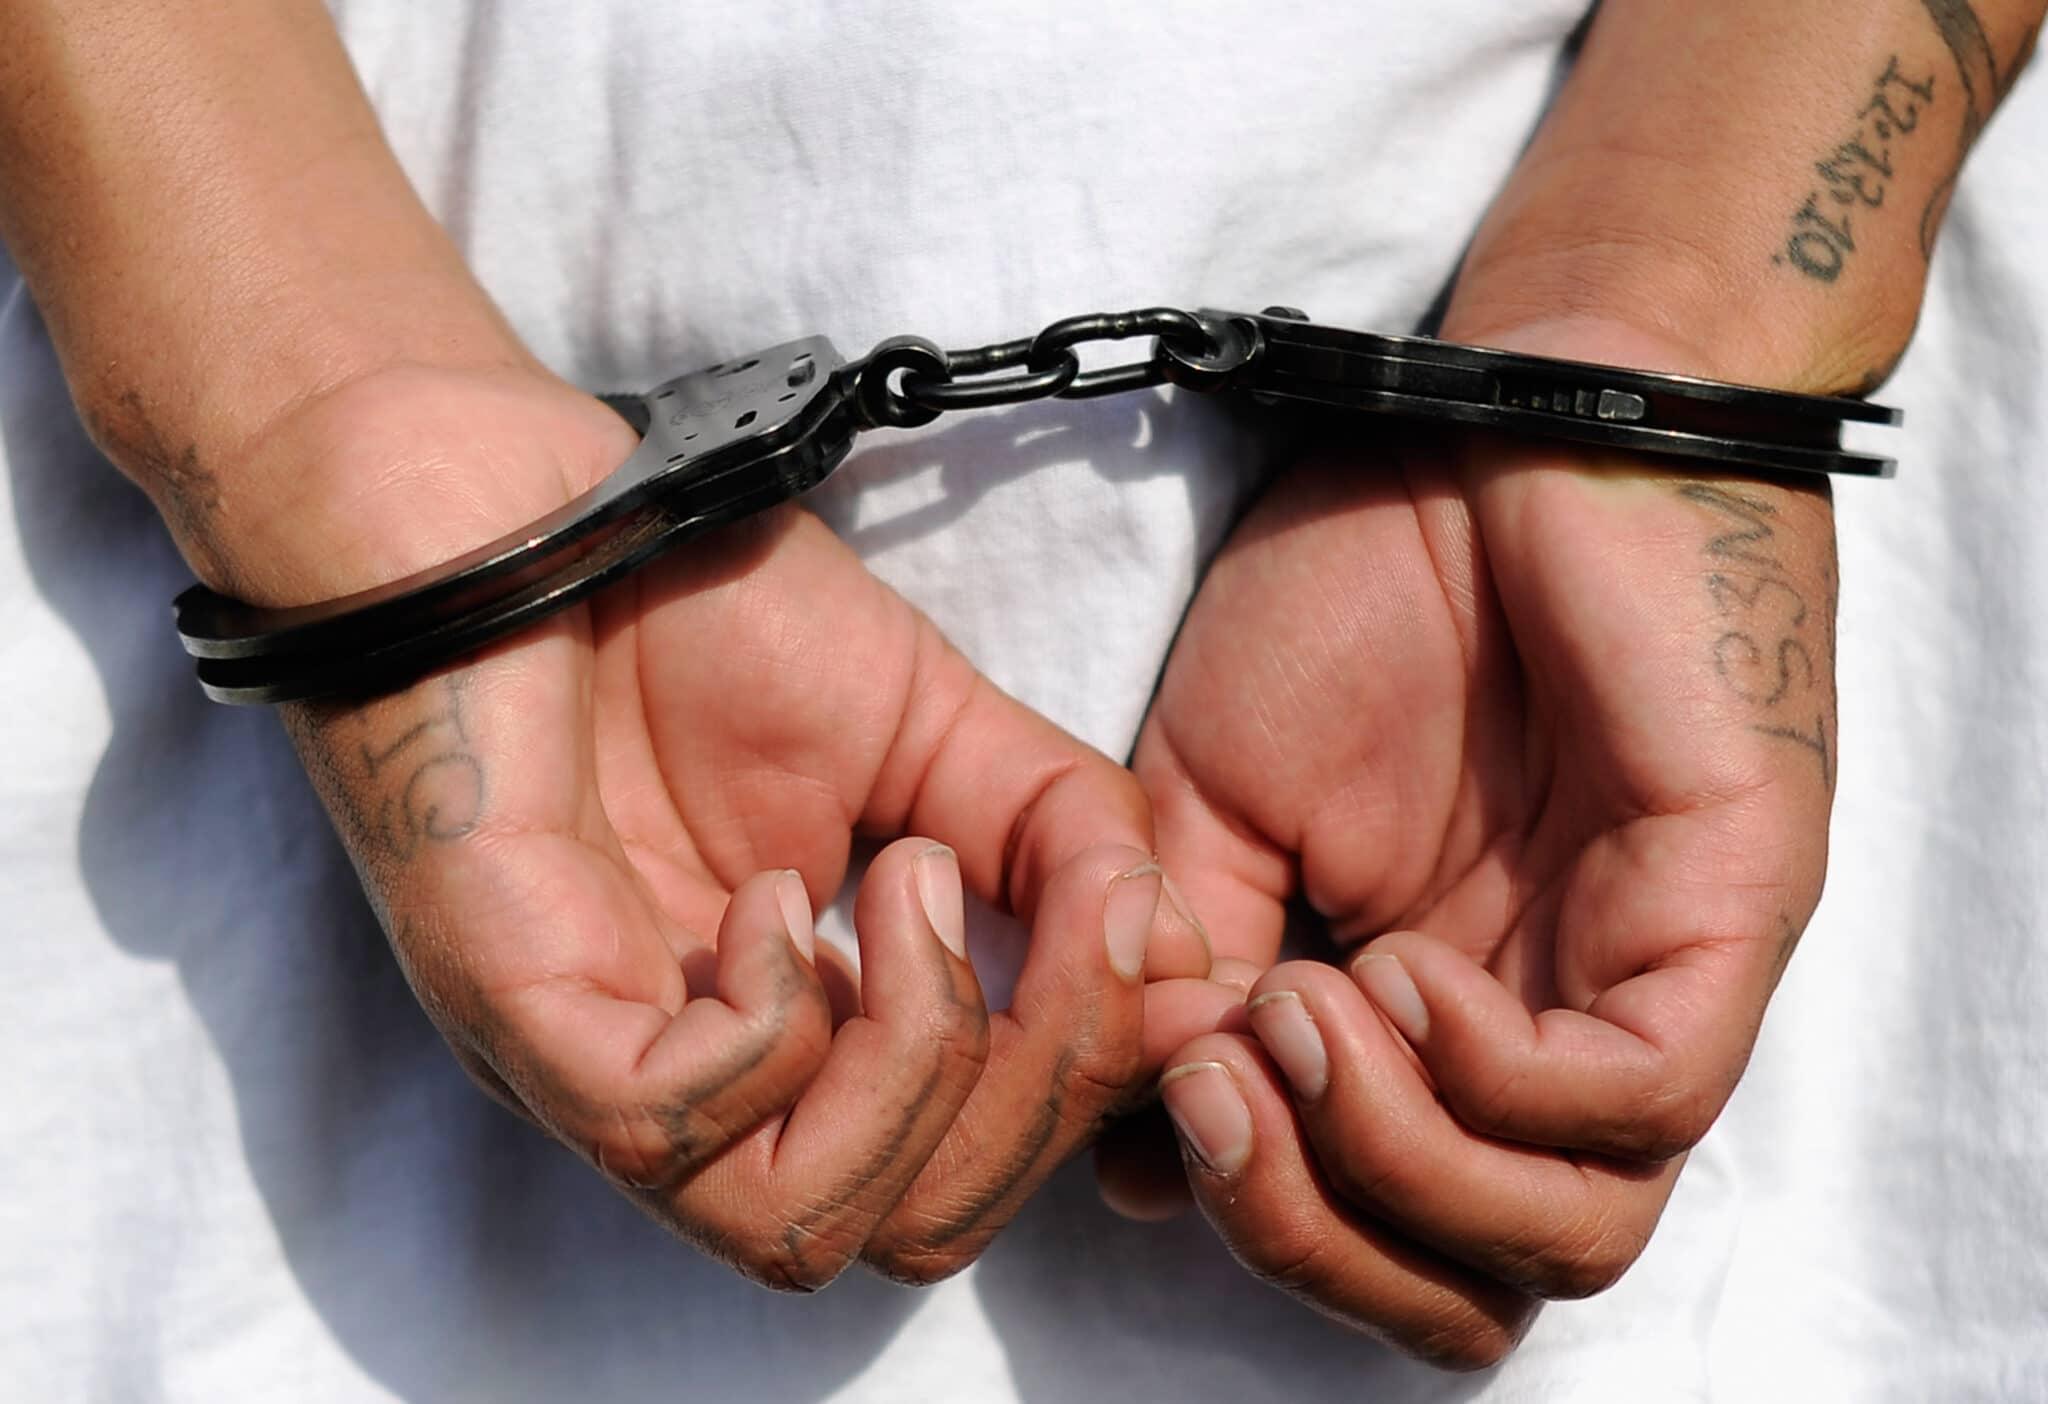 Sentencian a 30 años de cárcel a hombre que mató a golpes a su hija y provocó aborto a su pareja en Bolivia